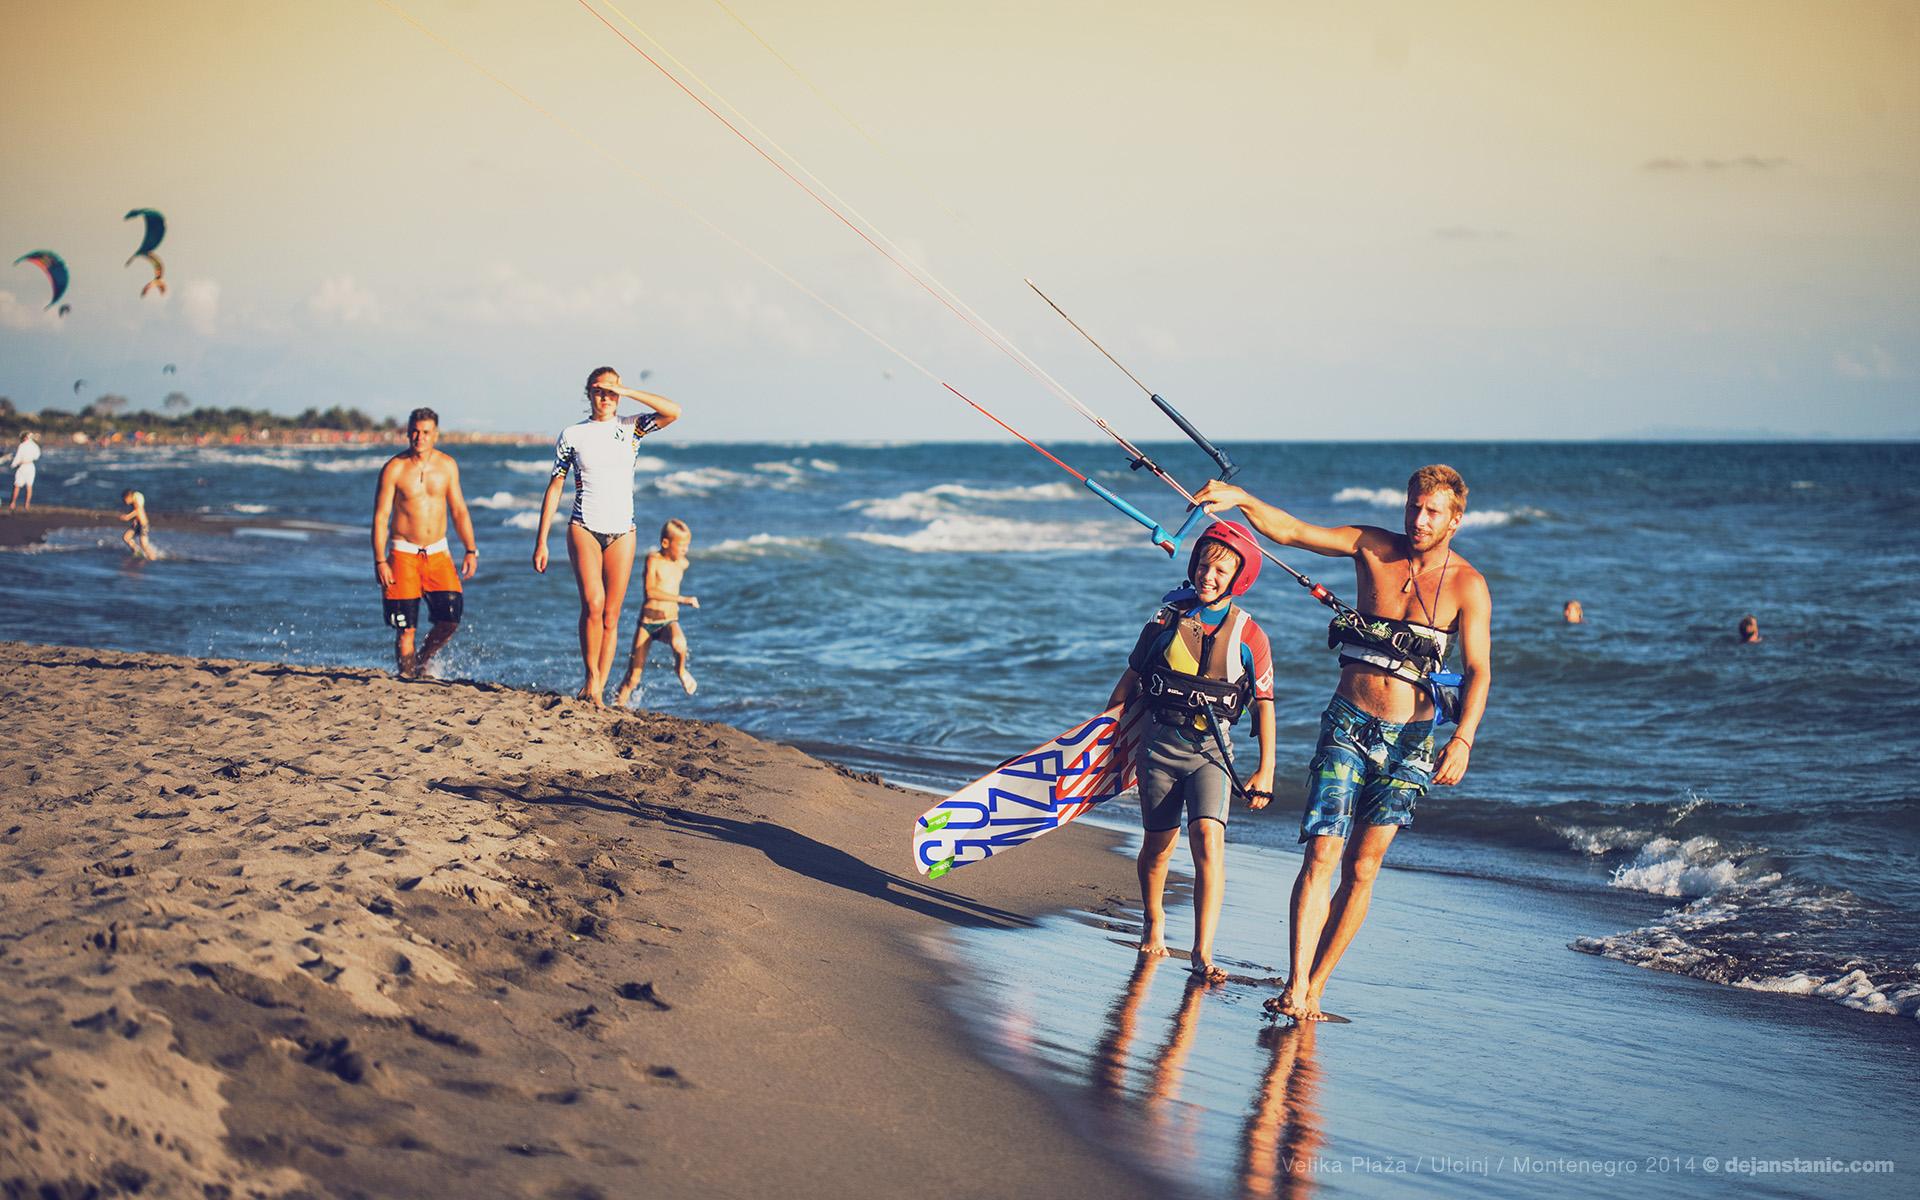 Velika plaža / Ulcinj / Montenegro 2014 © dejanstanic.com